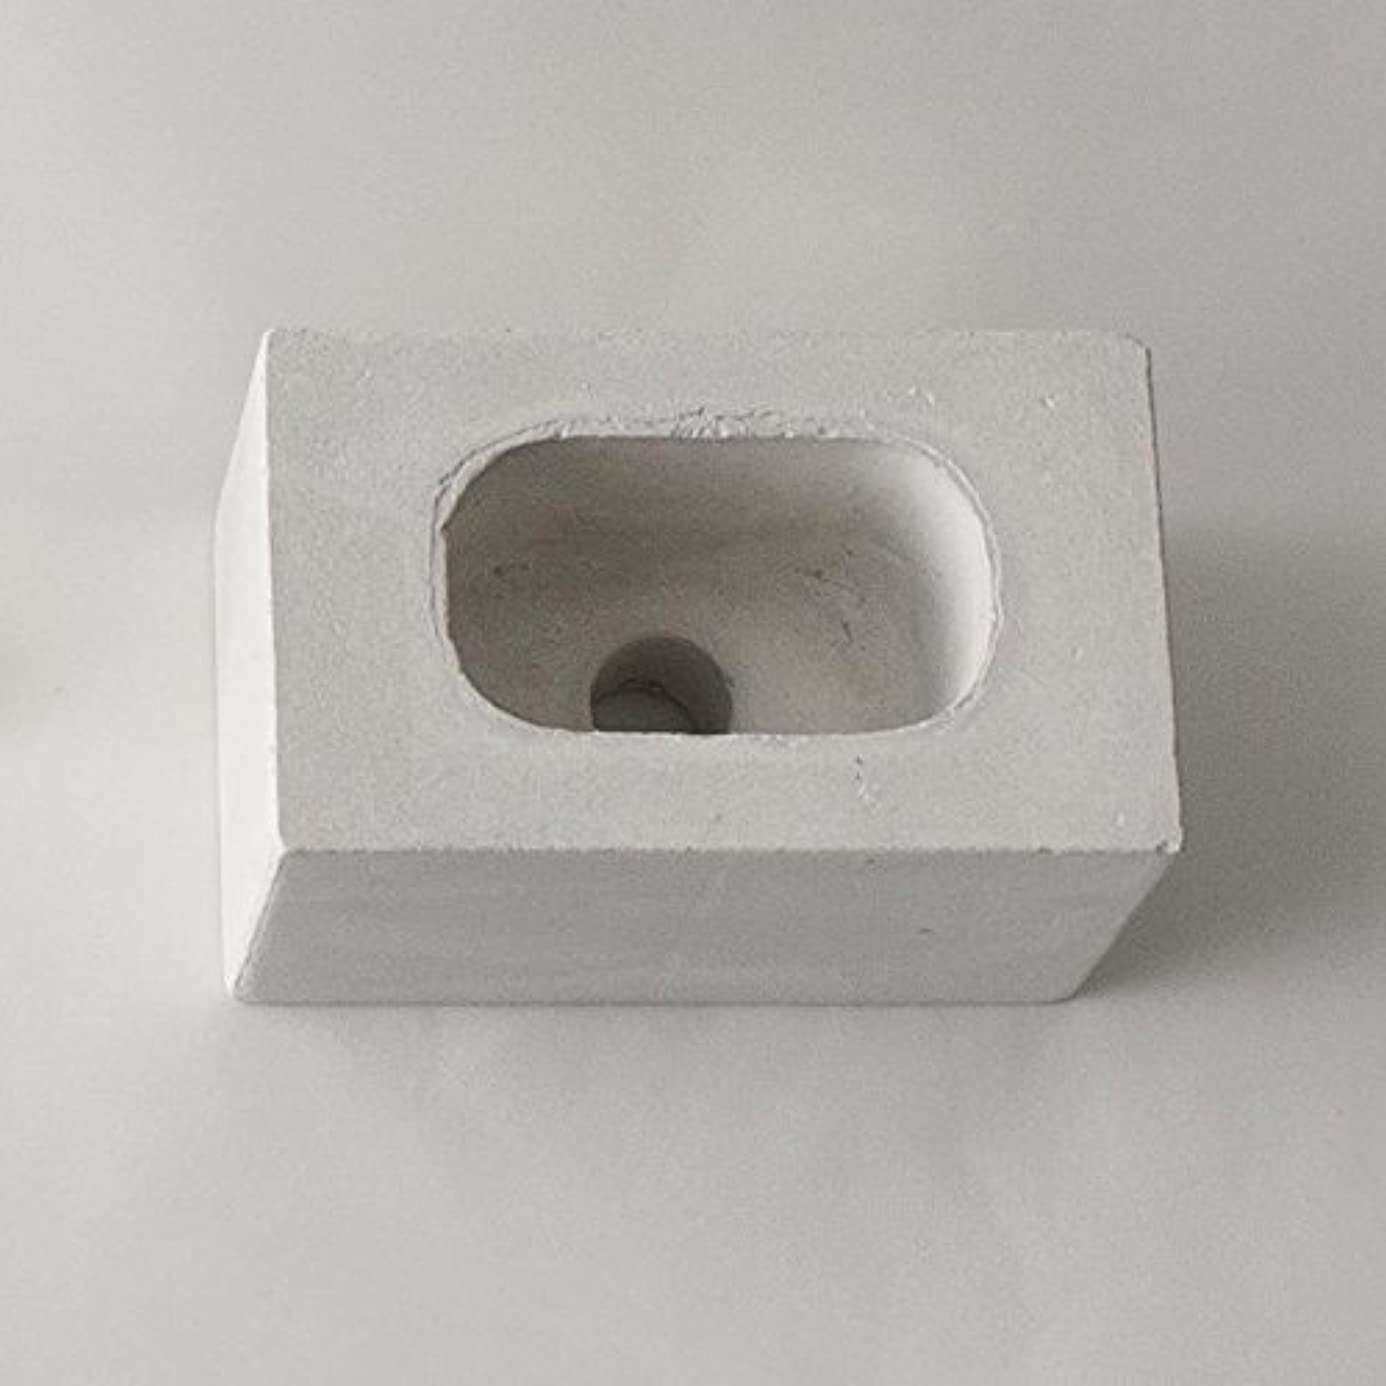 信頼できる移行する恥ずかしさar003wh/パーツ販売?b2c ブリック用 コンクリートパーツ(スクエア)《ホワイト》  芳香剤 ルームフレグランス リードディフューザー アロマ ディフューザー